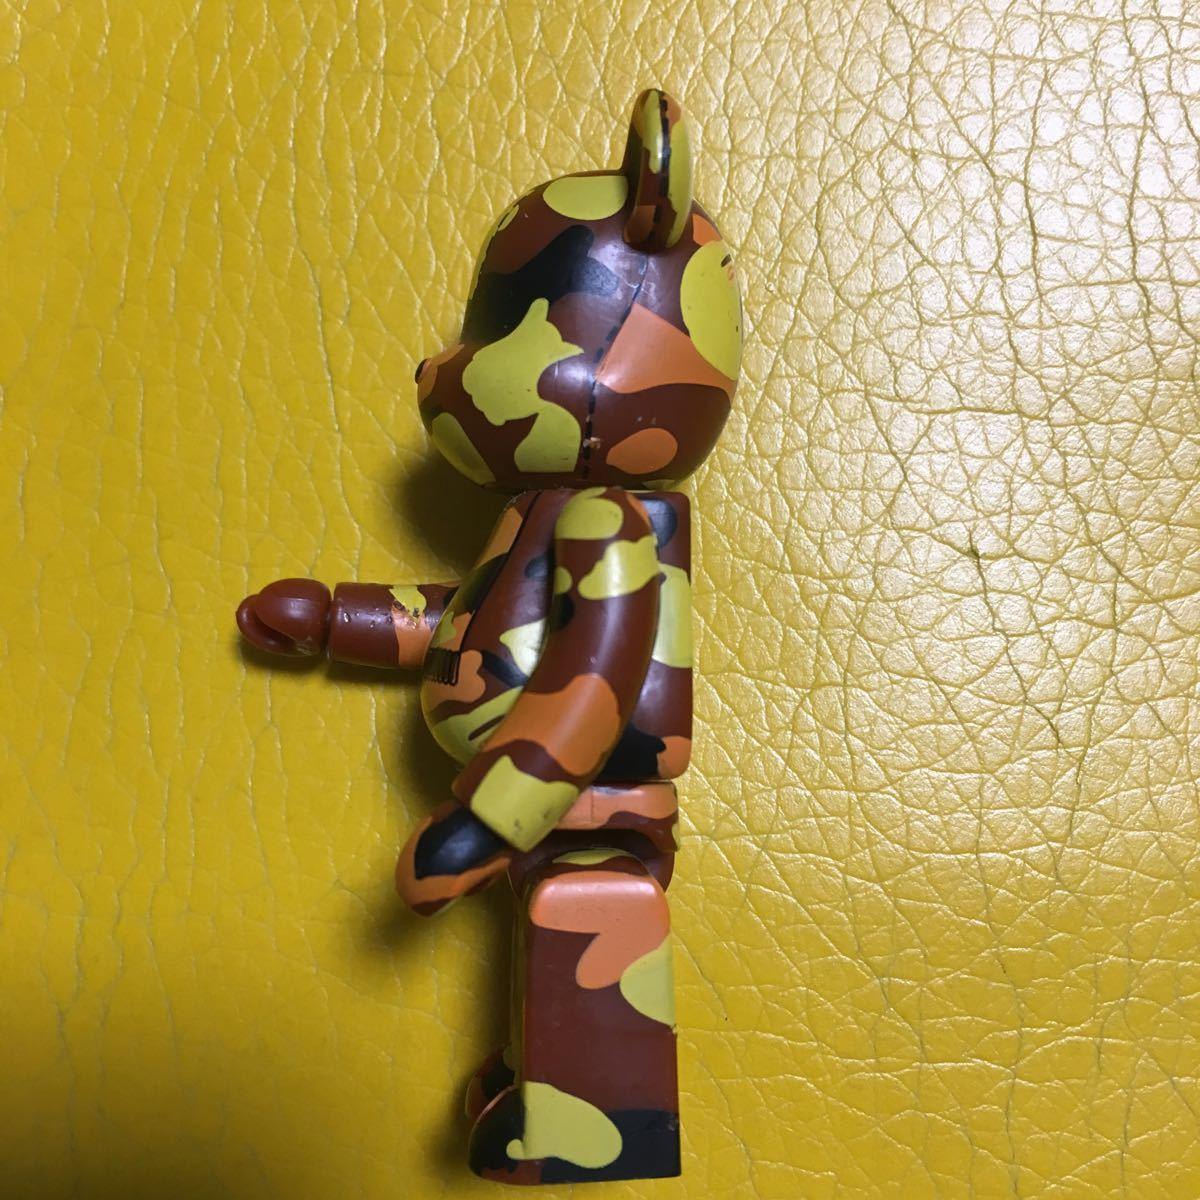 【送料無料】ベアブリック/エイプシリーズ2/茶×黄×橙×黒.シークレットbearbrick.100%.Ape希少レア.難あり_画像4